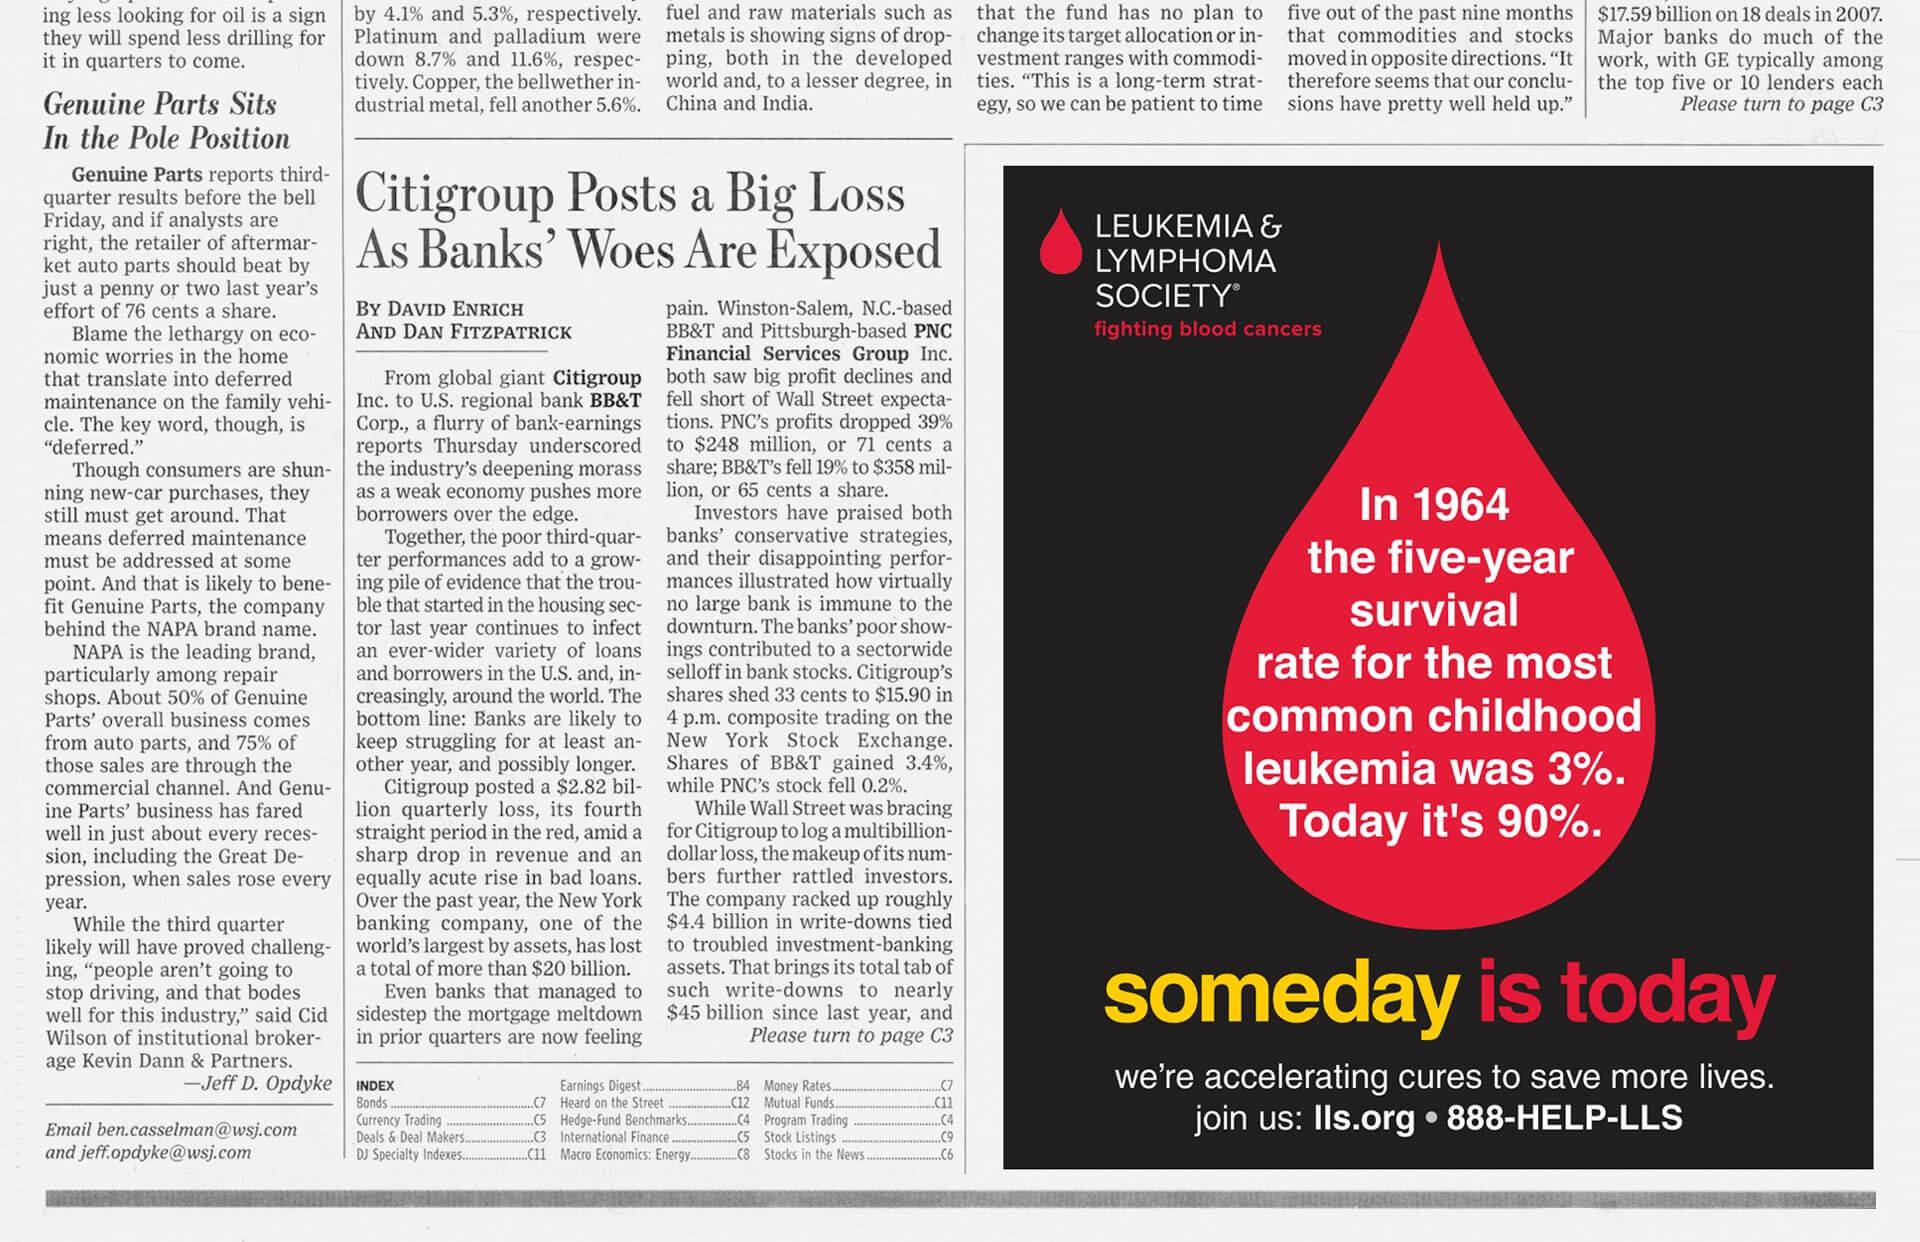 Leukemia & Lymphoma Society. Someday is today